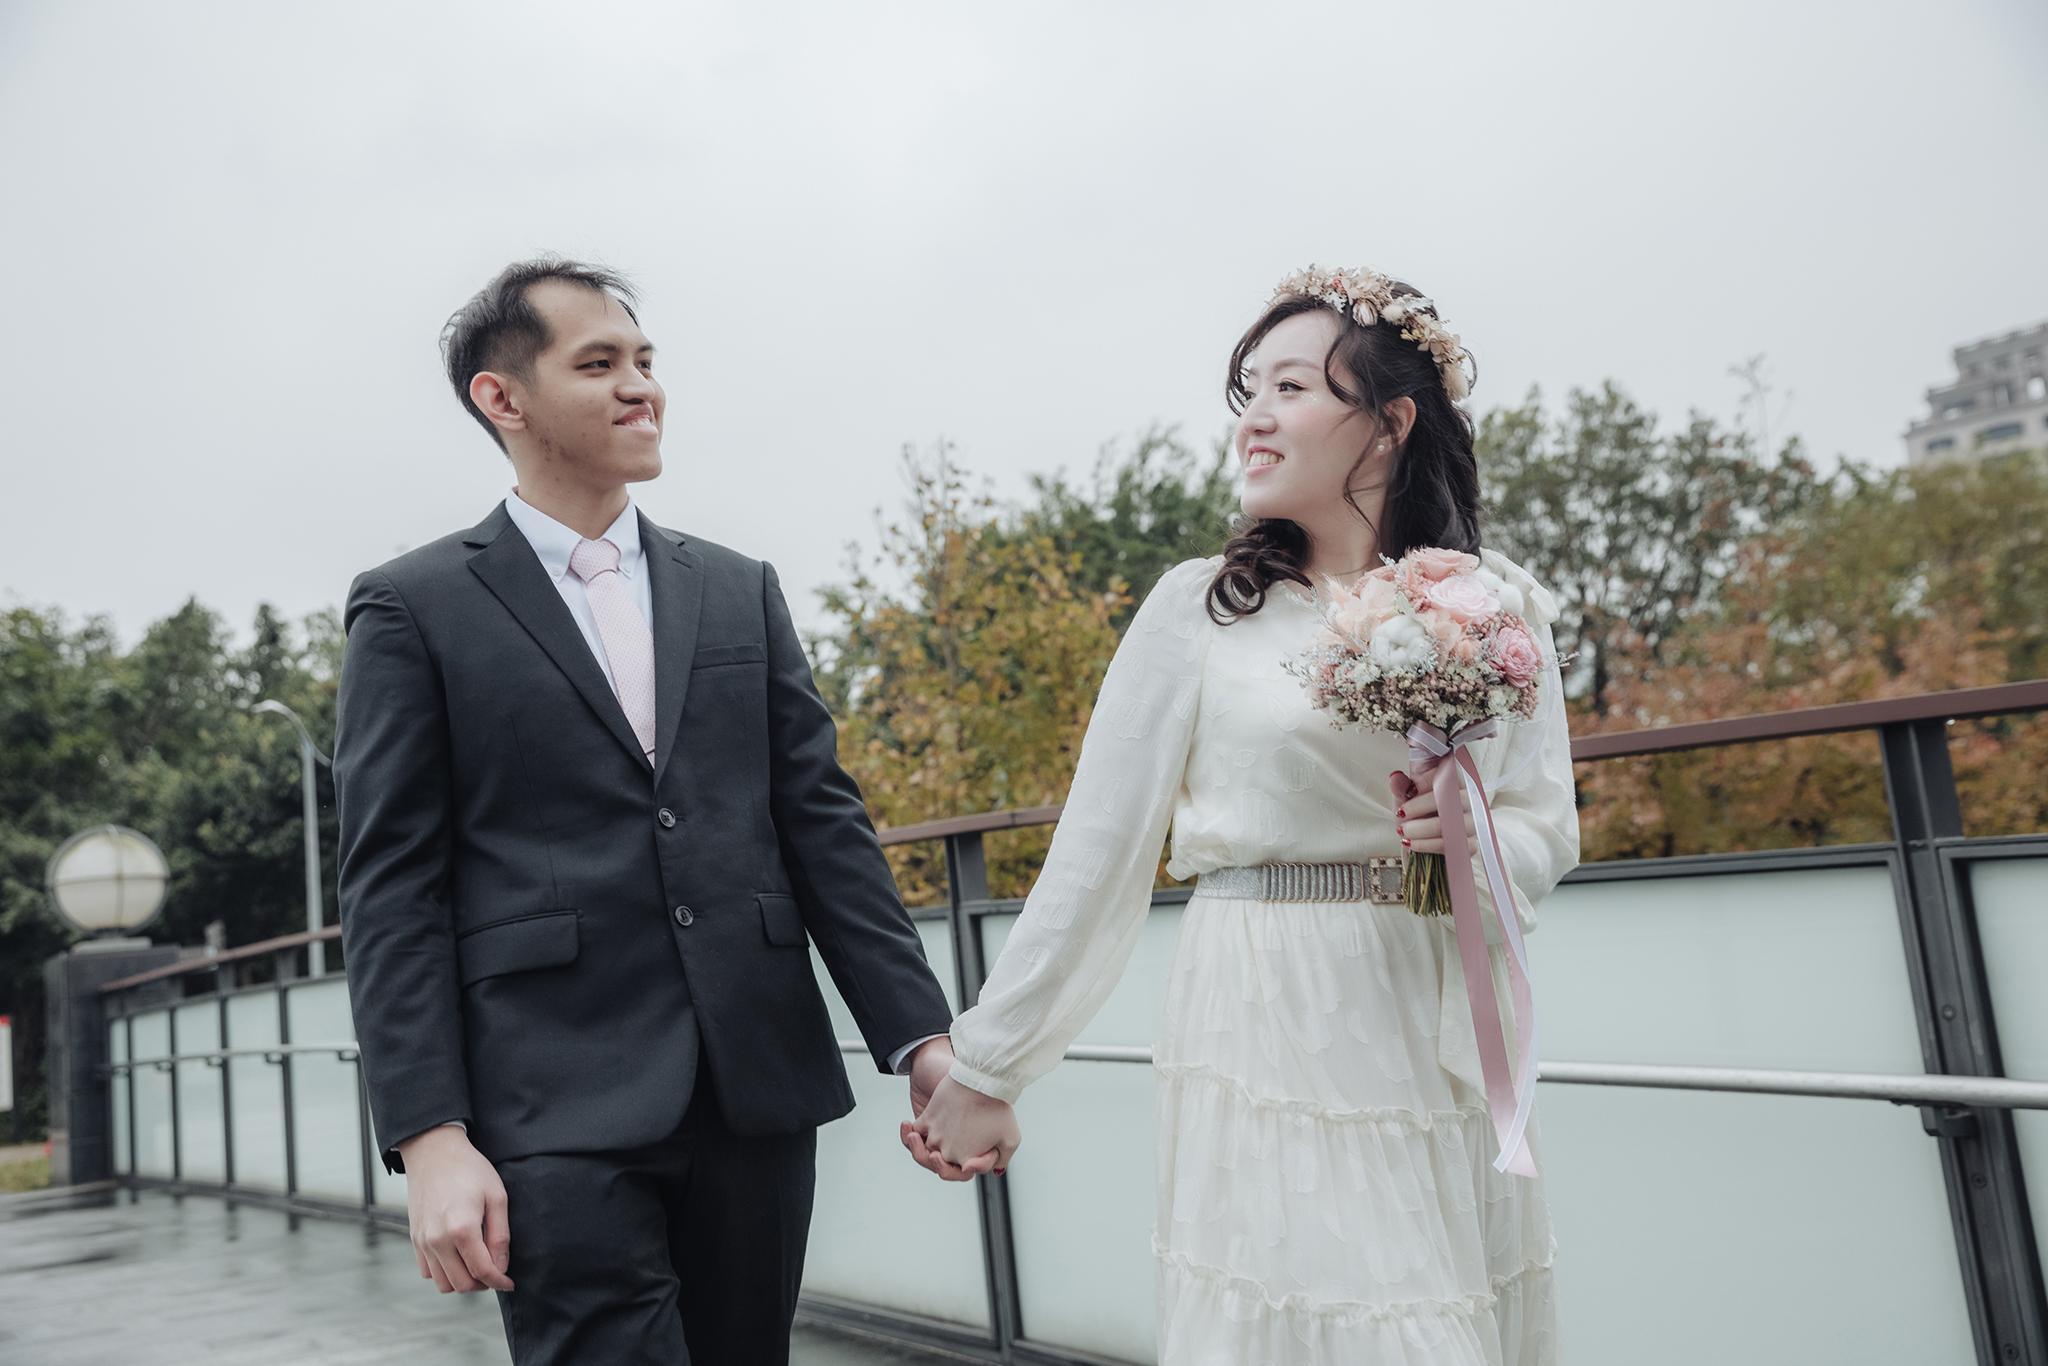 51499710369 7f7dde8d2e o - 【證婚寫真】+馥瑤&威宇+